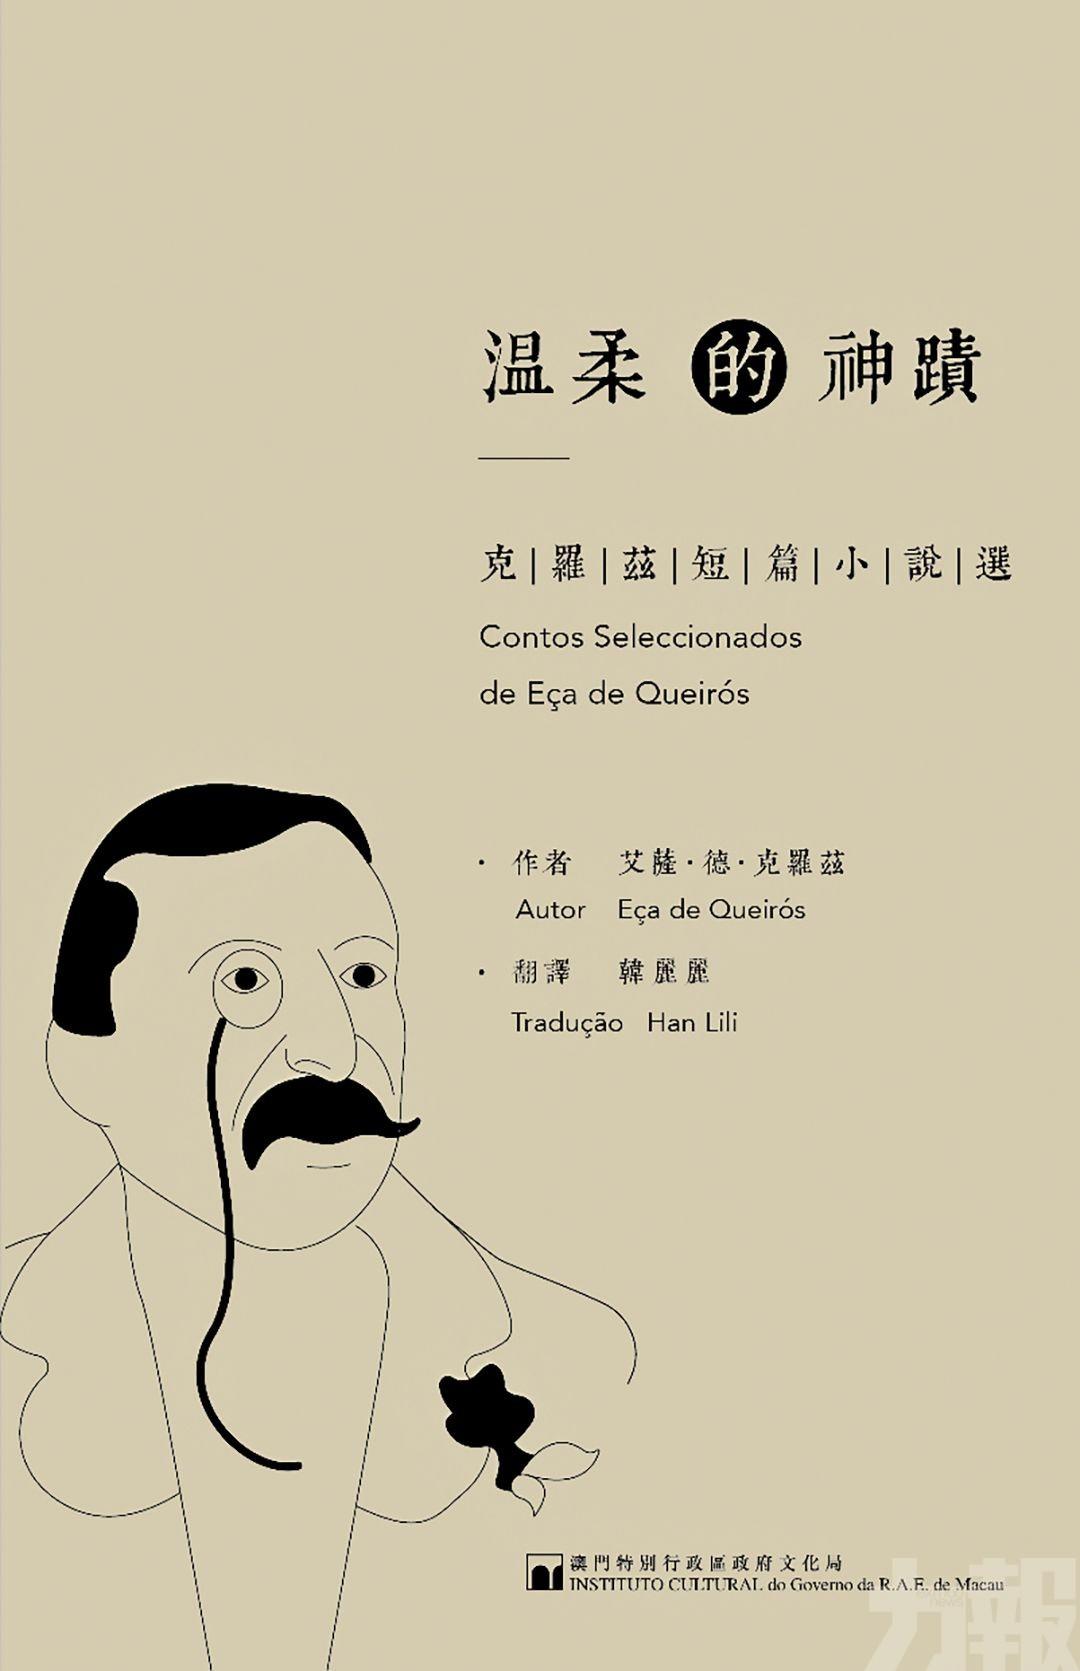 中葡文化點滴